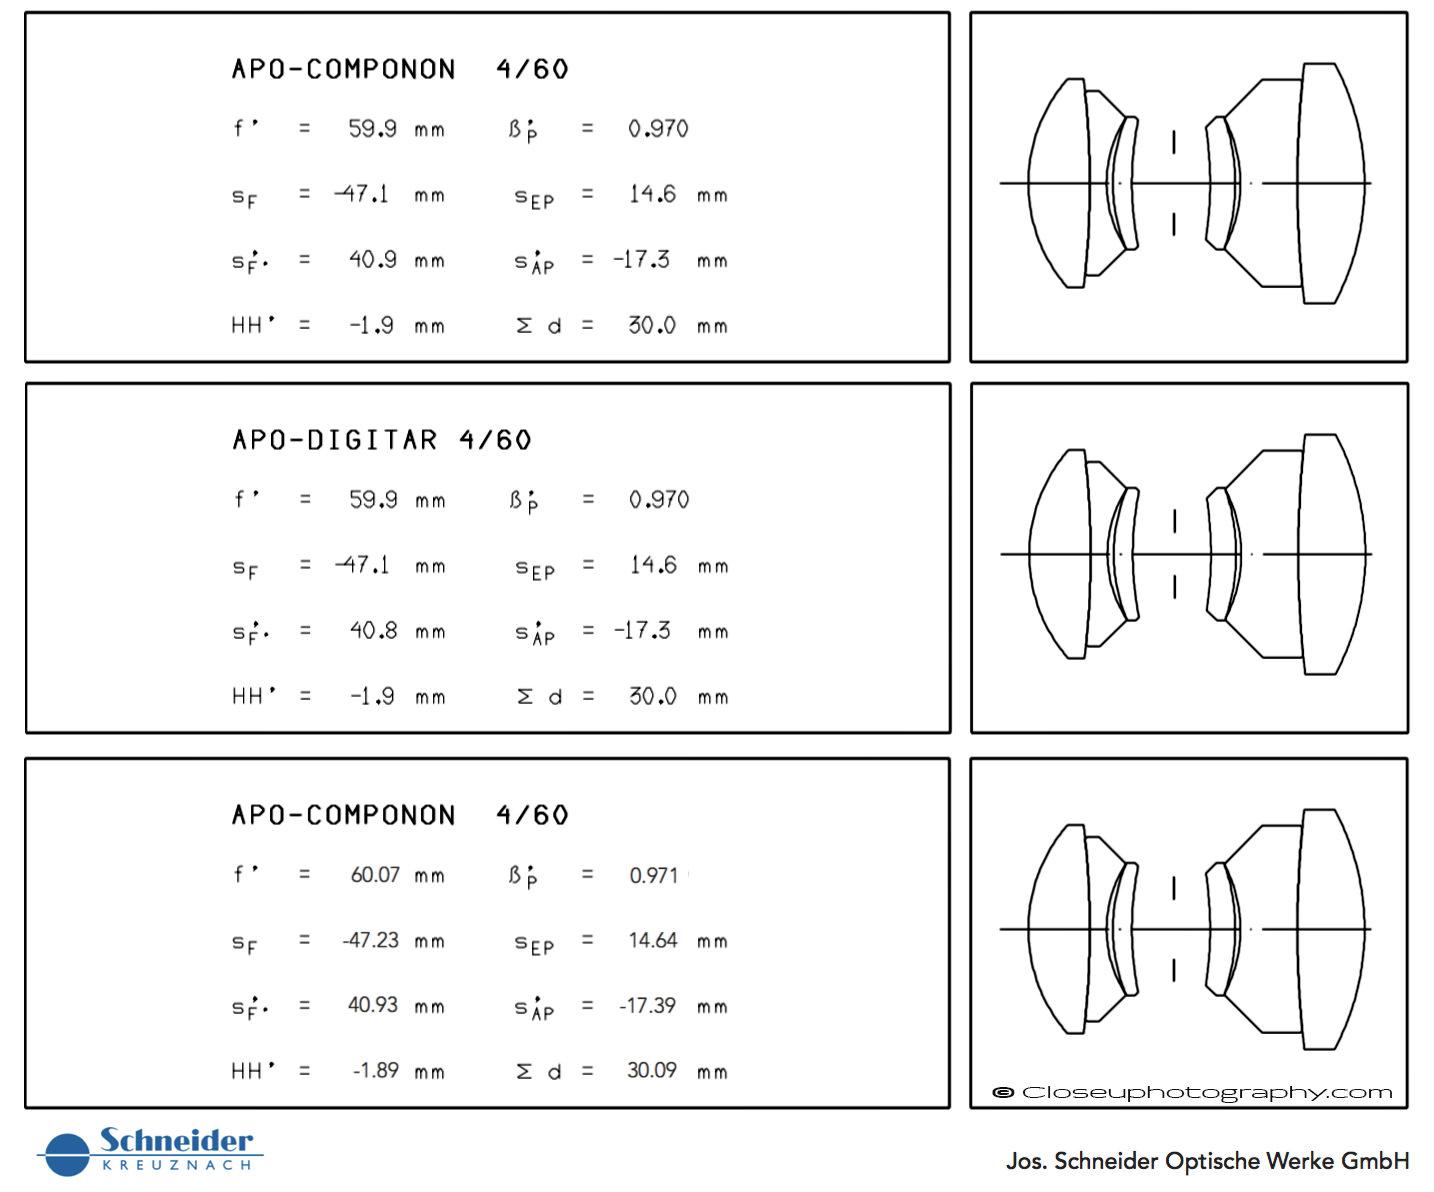 APO-Componon-4-60-Lens-data.jpg